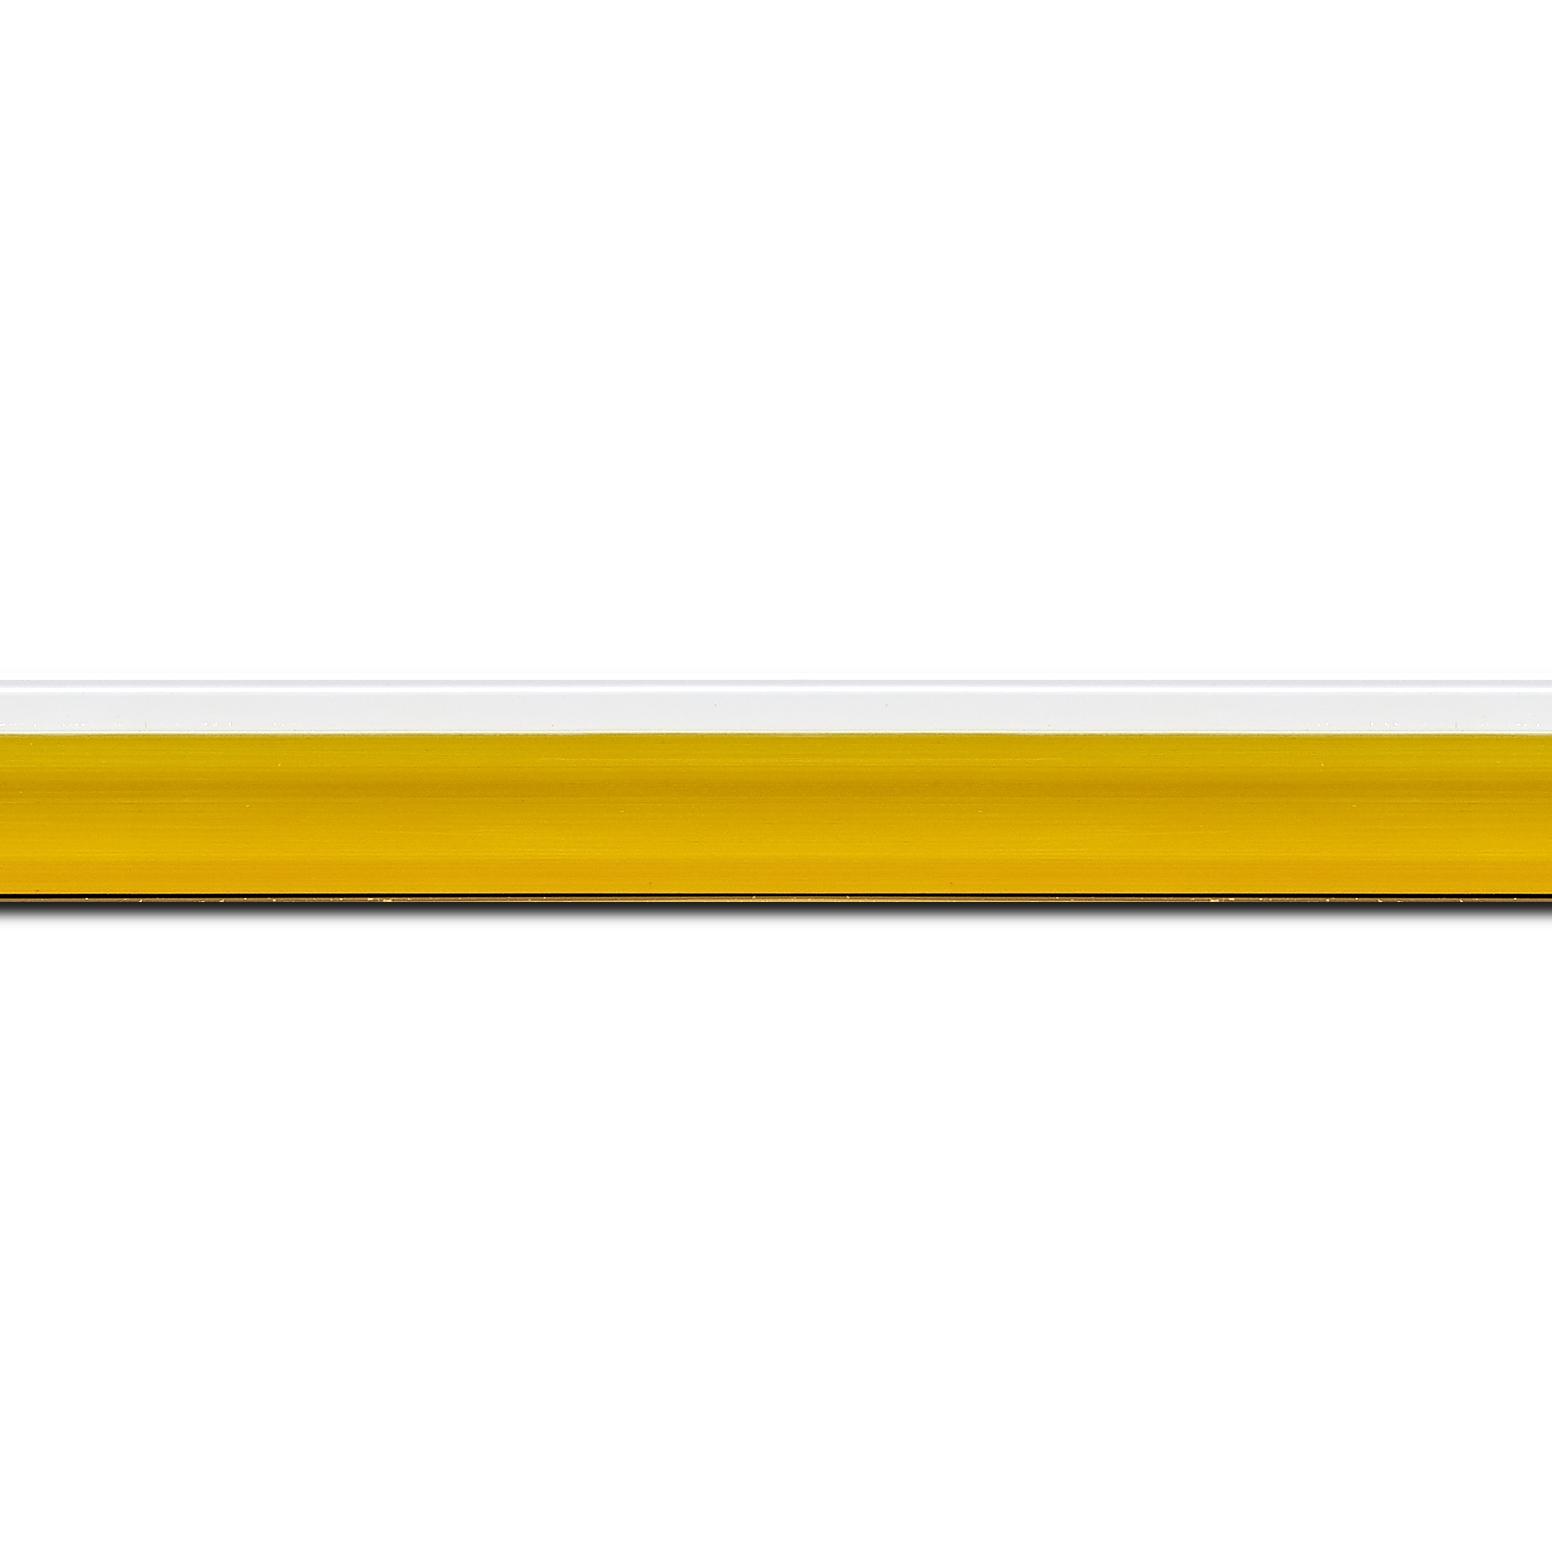 Baguette longueur 1.40m bois profil en pente plongeant largeur 2.2cm couleur jaune laqué filet extérieur blanc laqué